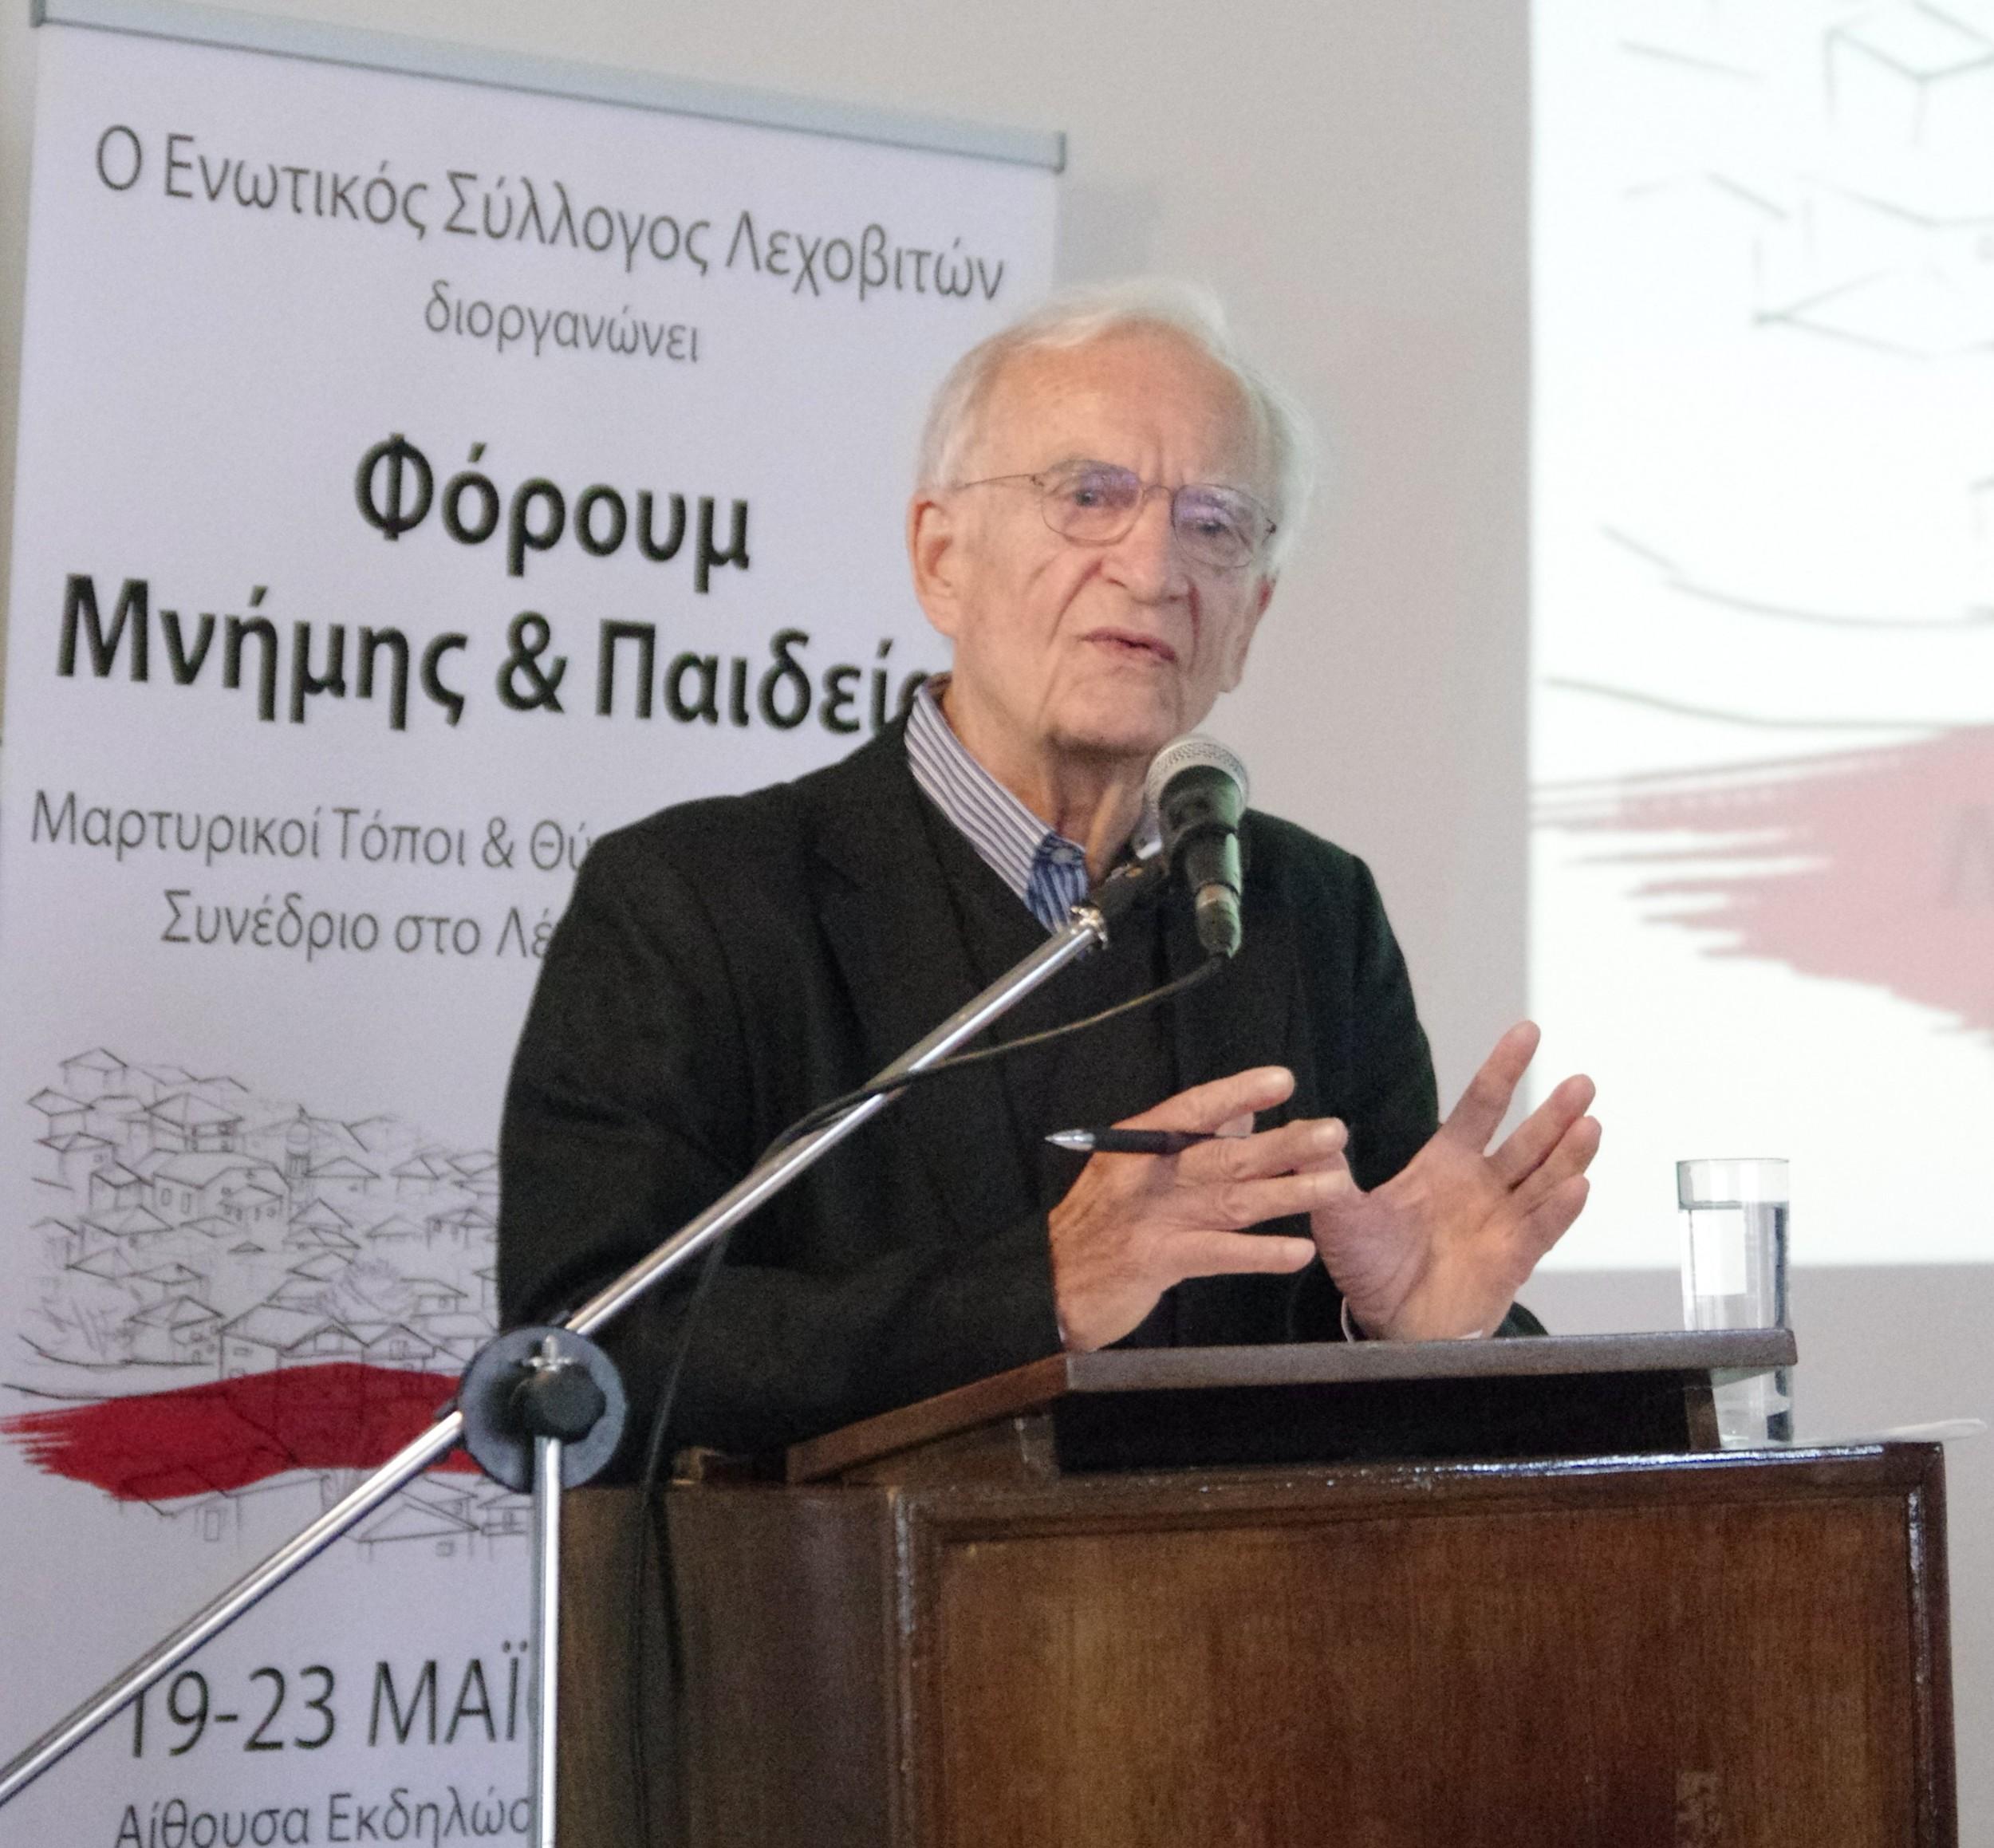 Παρουσίαση και συζήτηση με τον Prof. Dr. Norman Paech